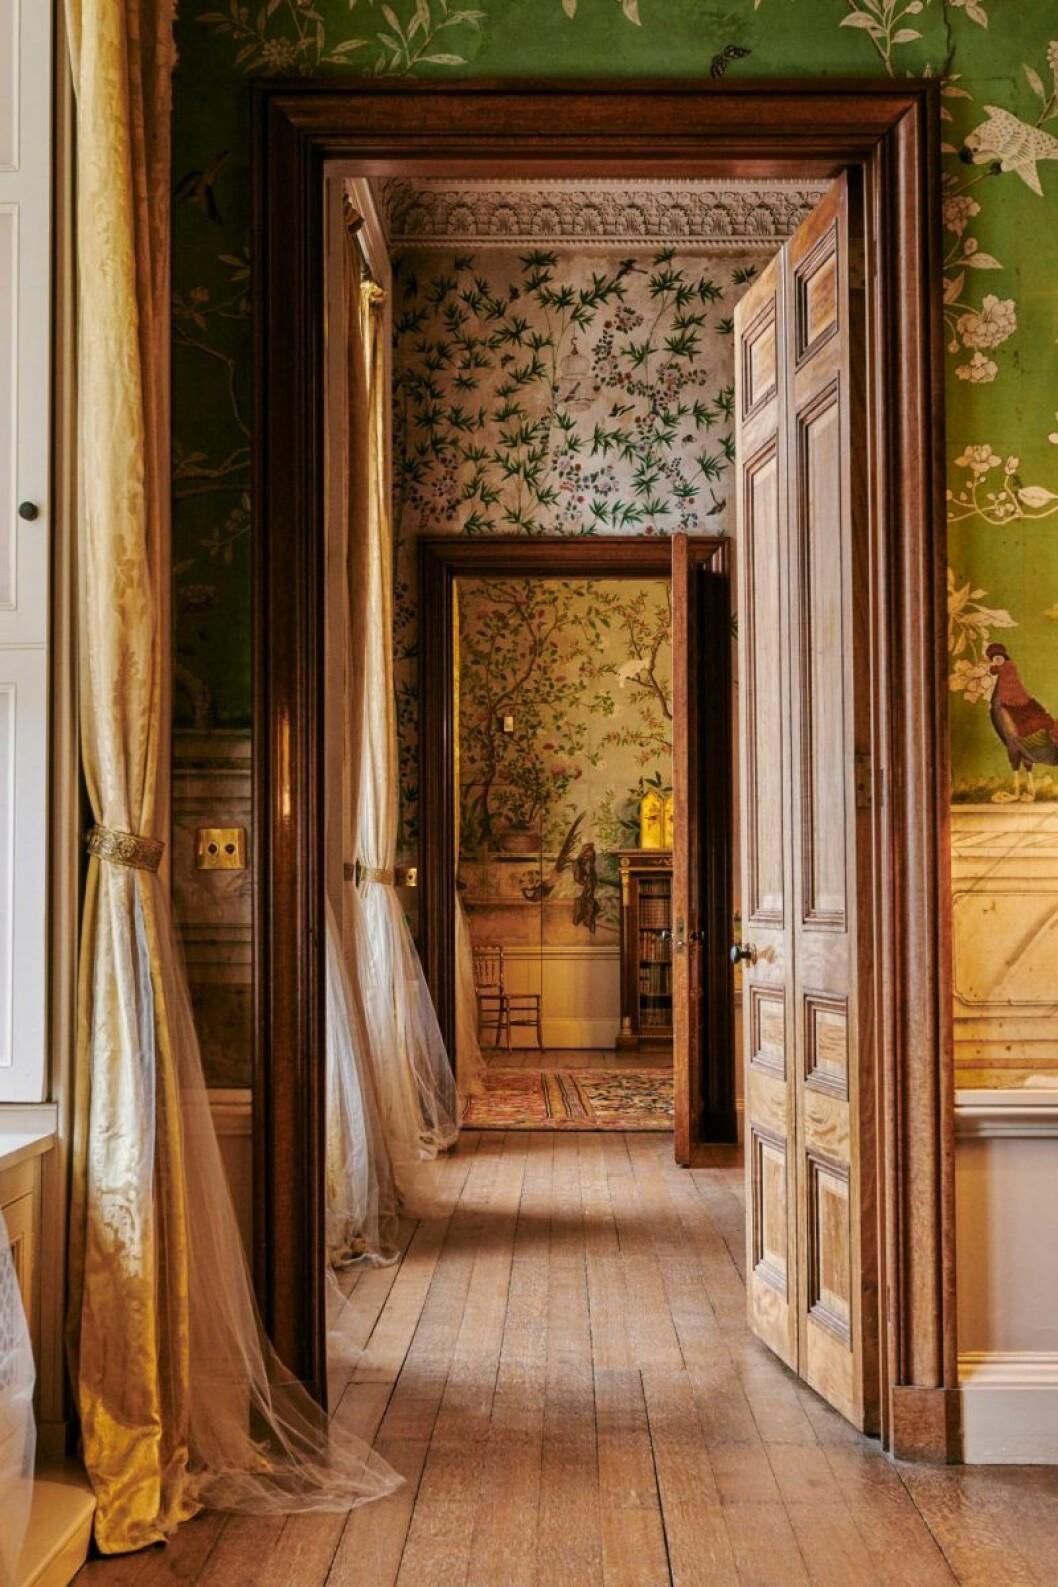 Korridor i Belvoir Castle